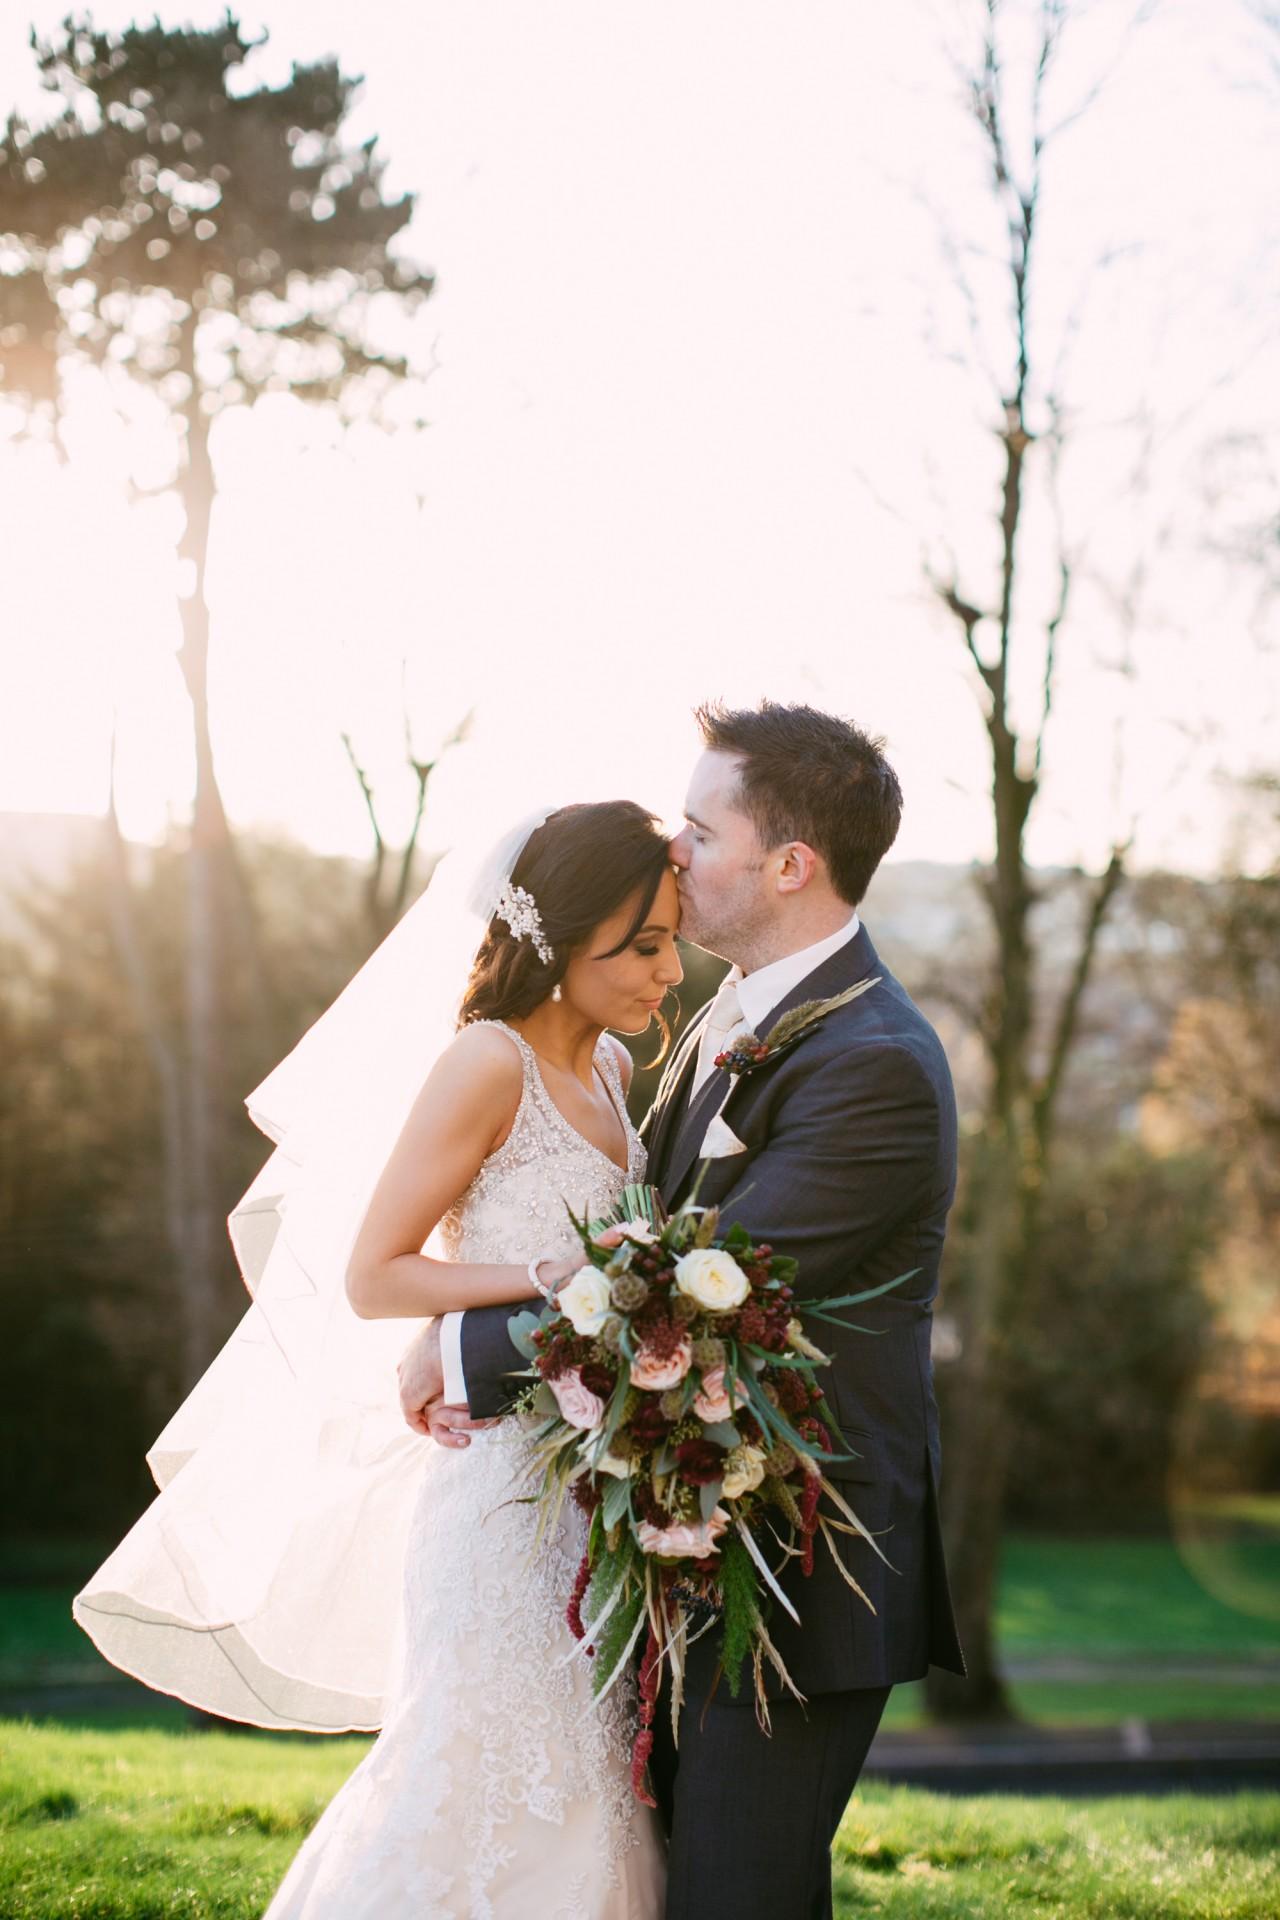 Natalie_Philip_Winter-Wedding_025